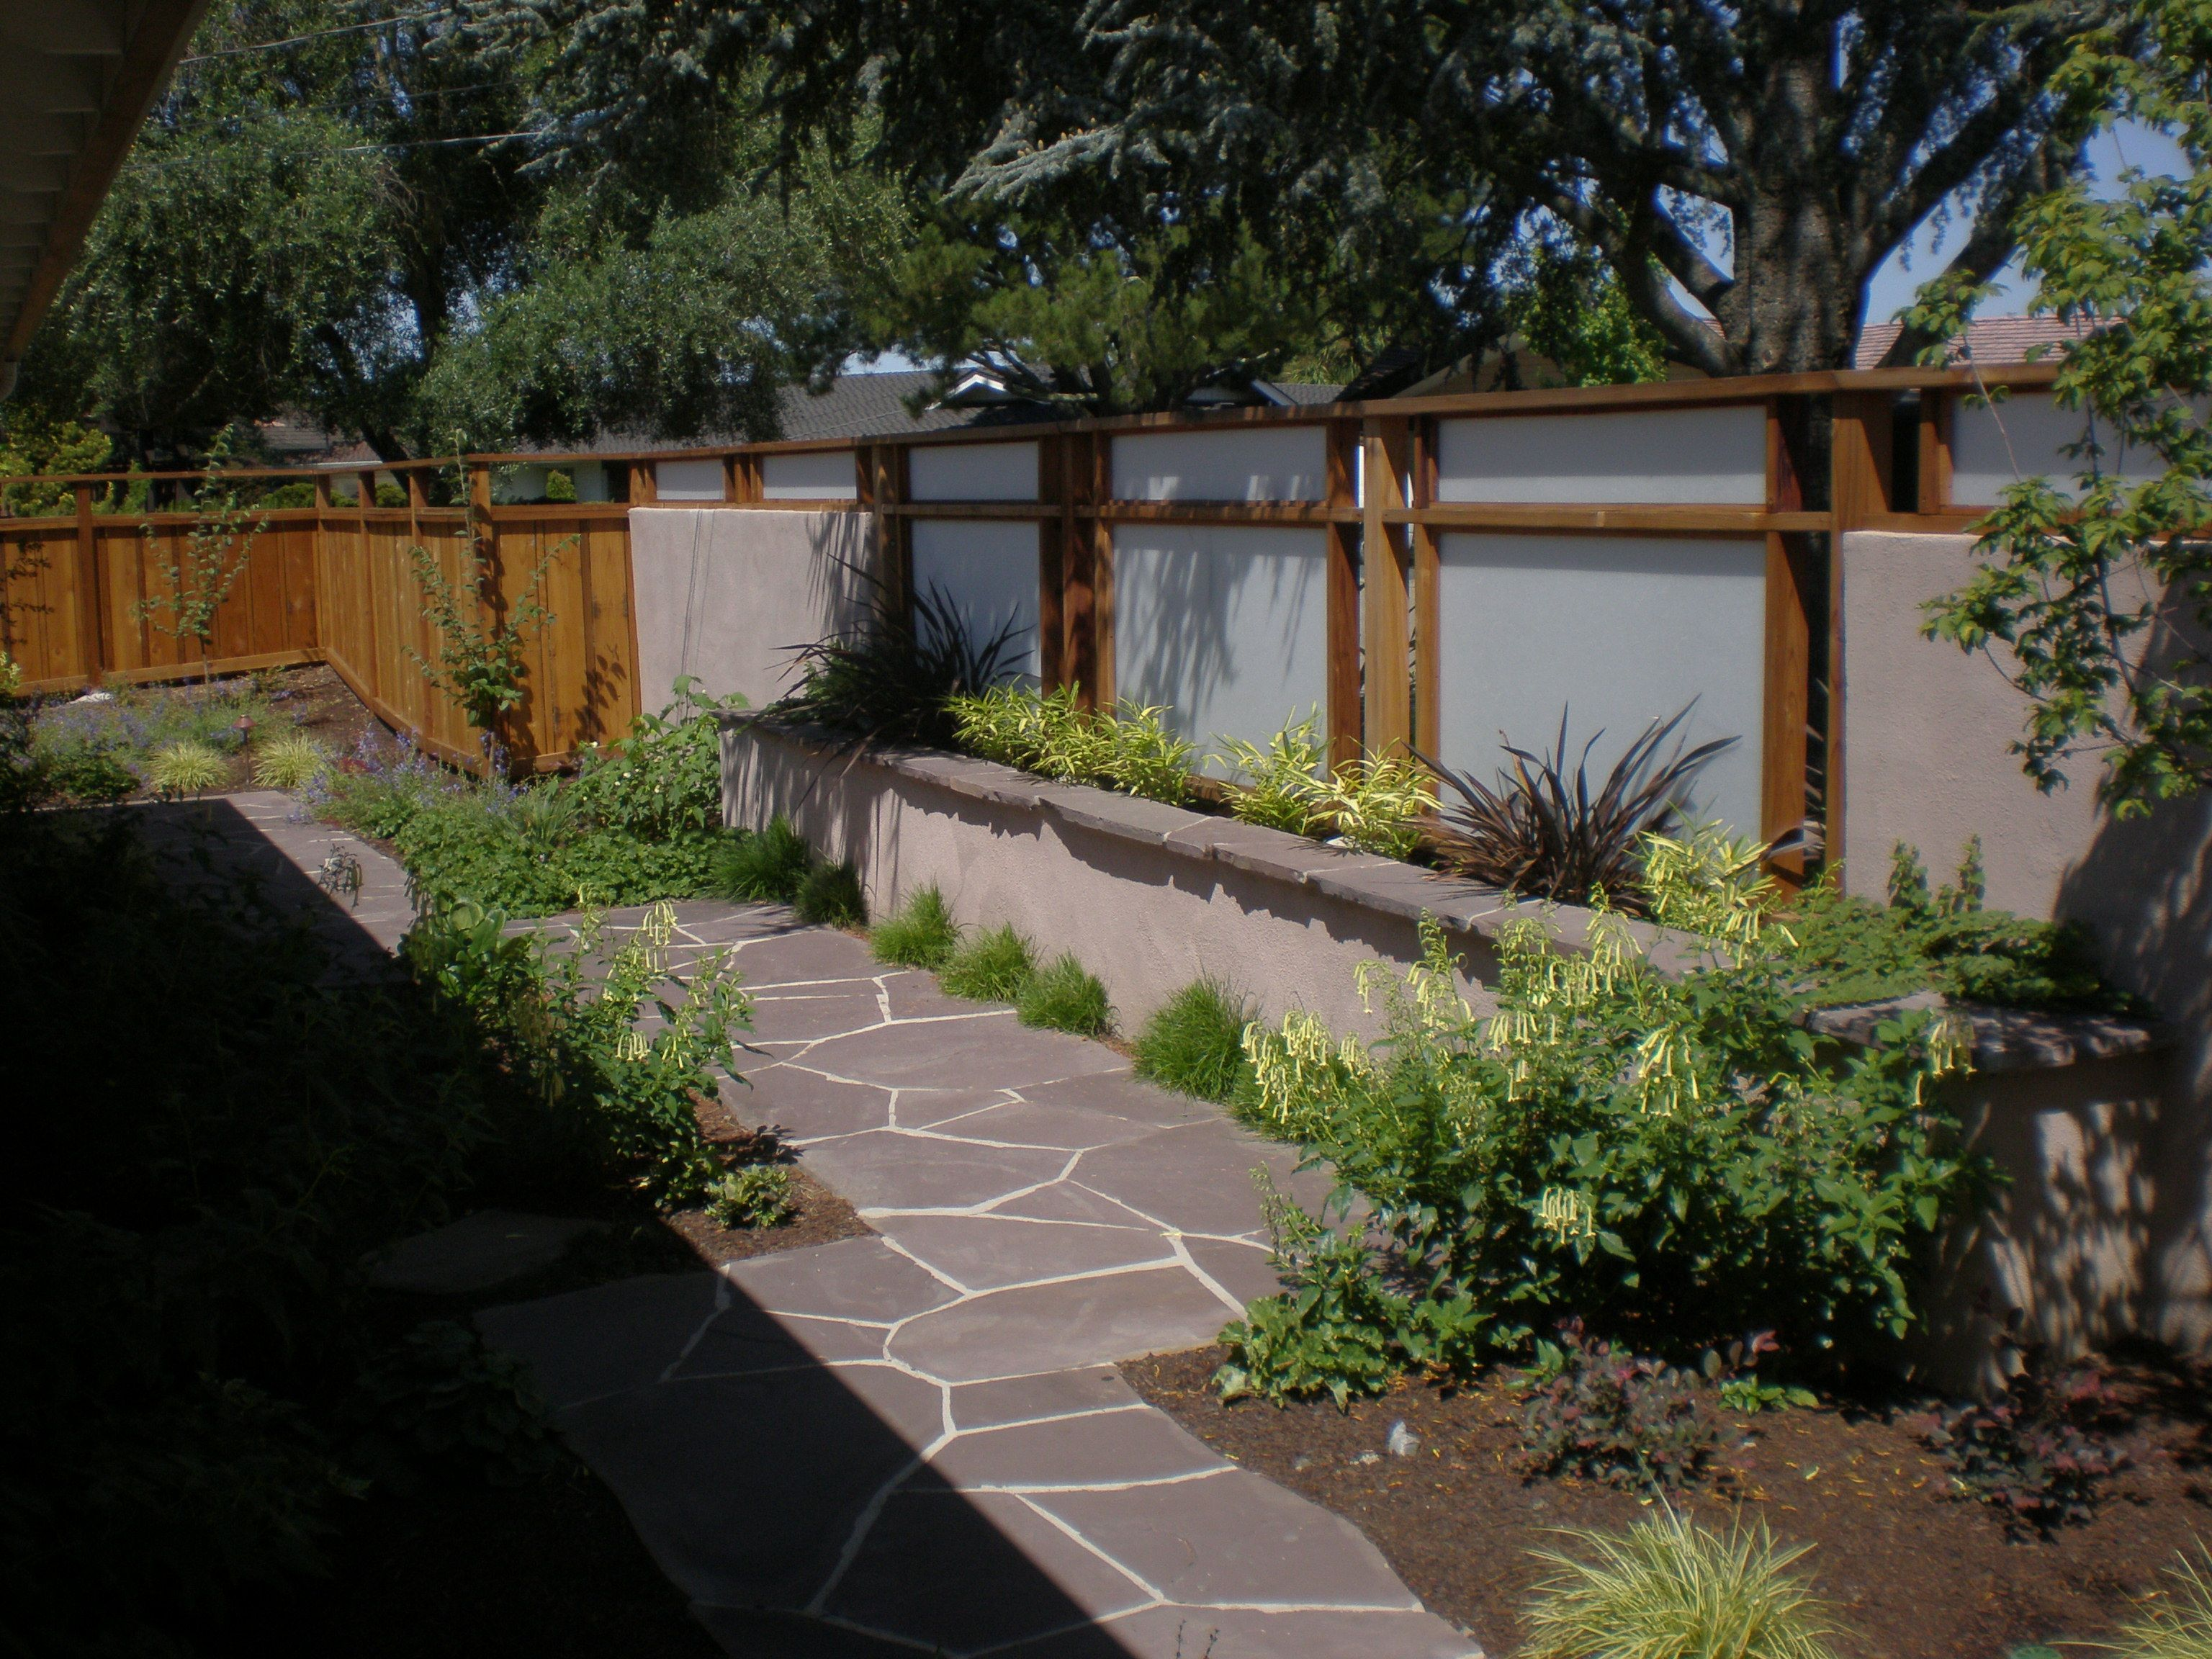 japanese garden design ideas | views of inspiration | pinterest